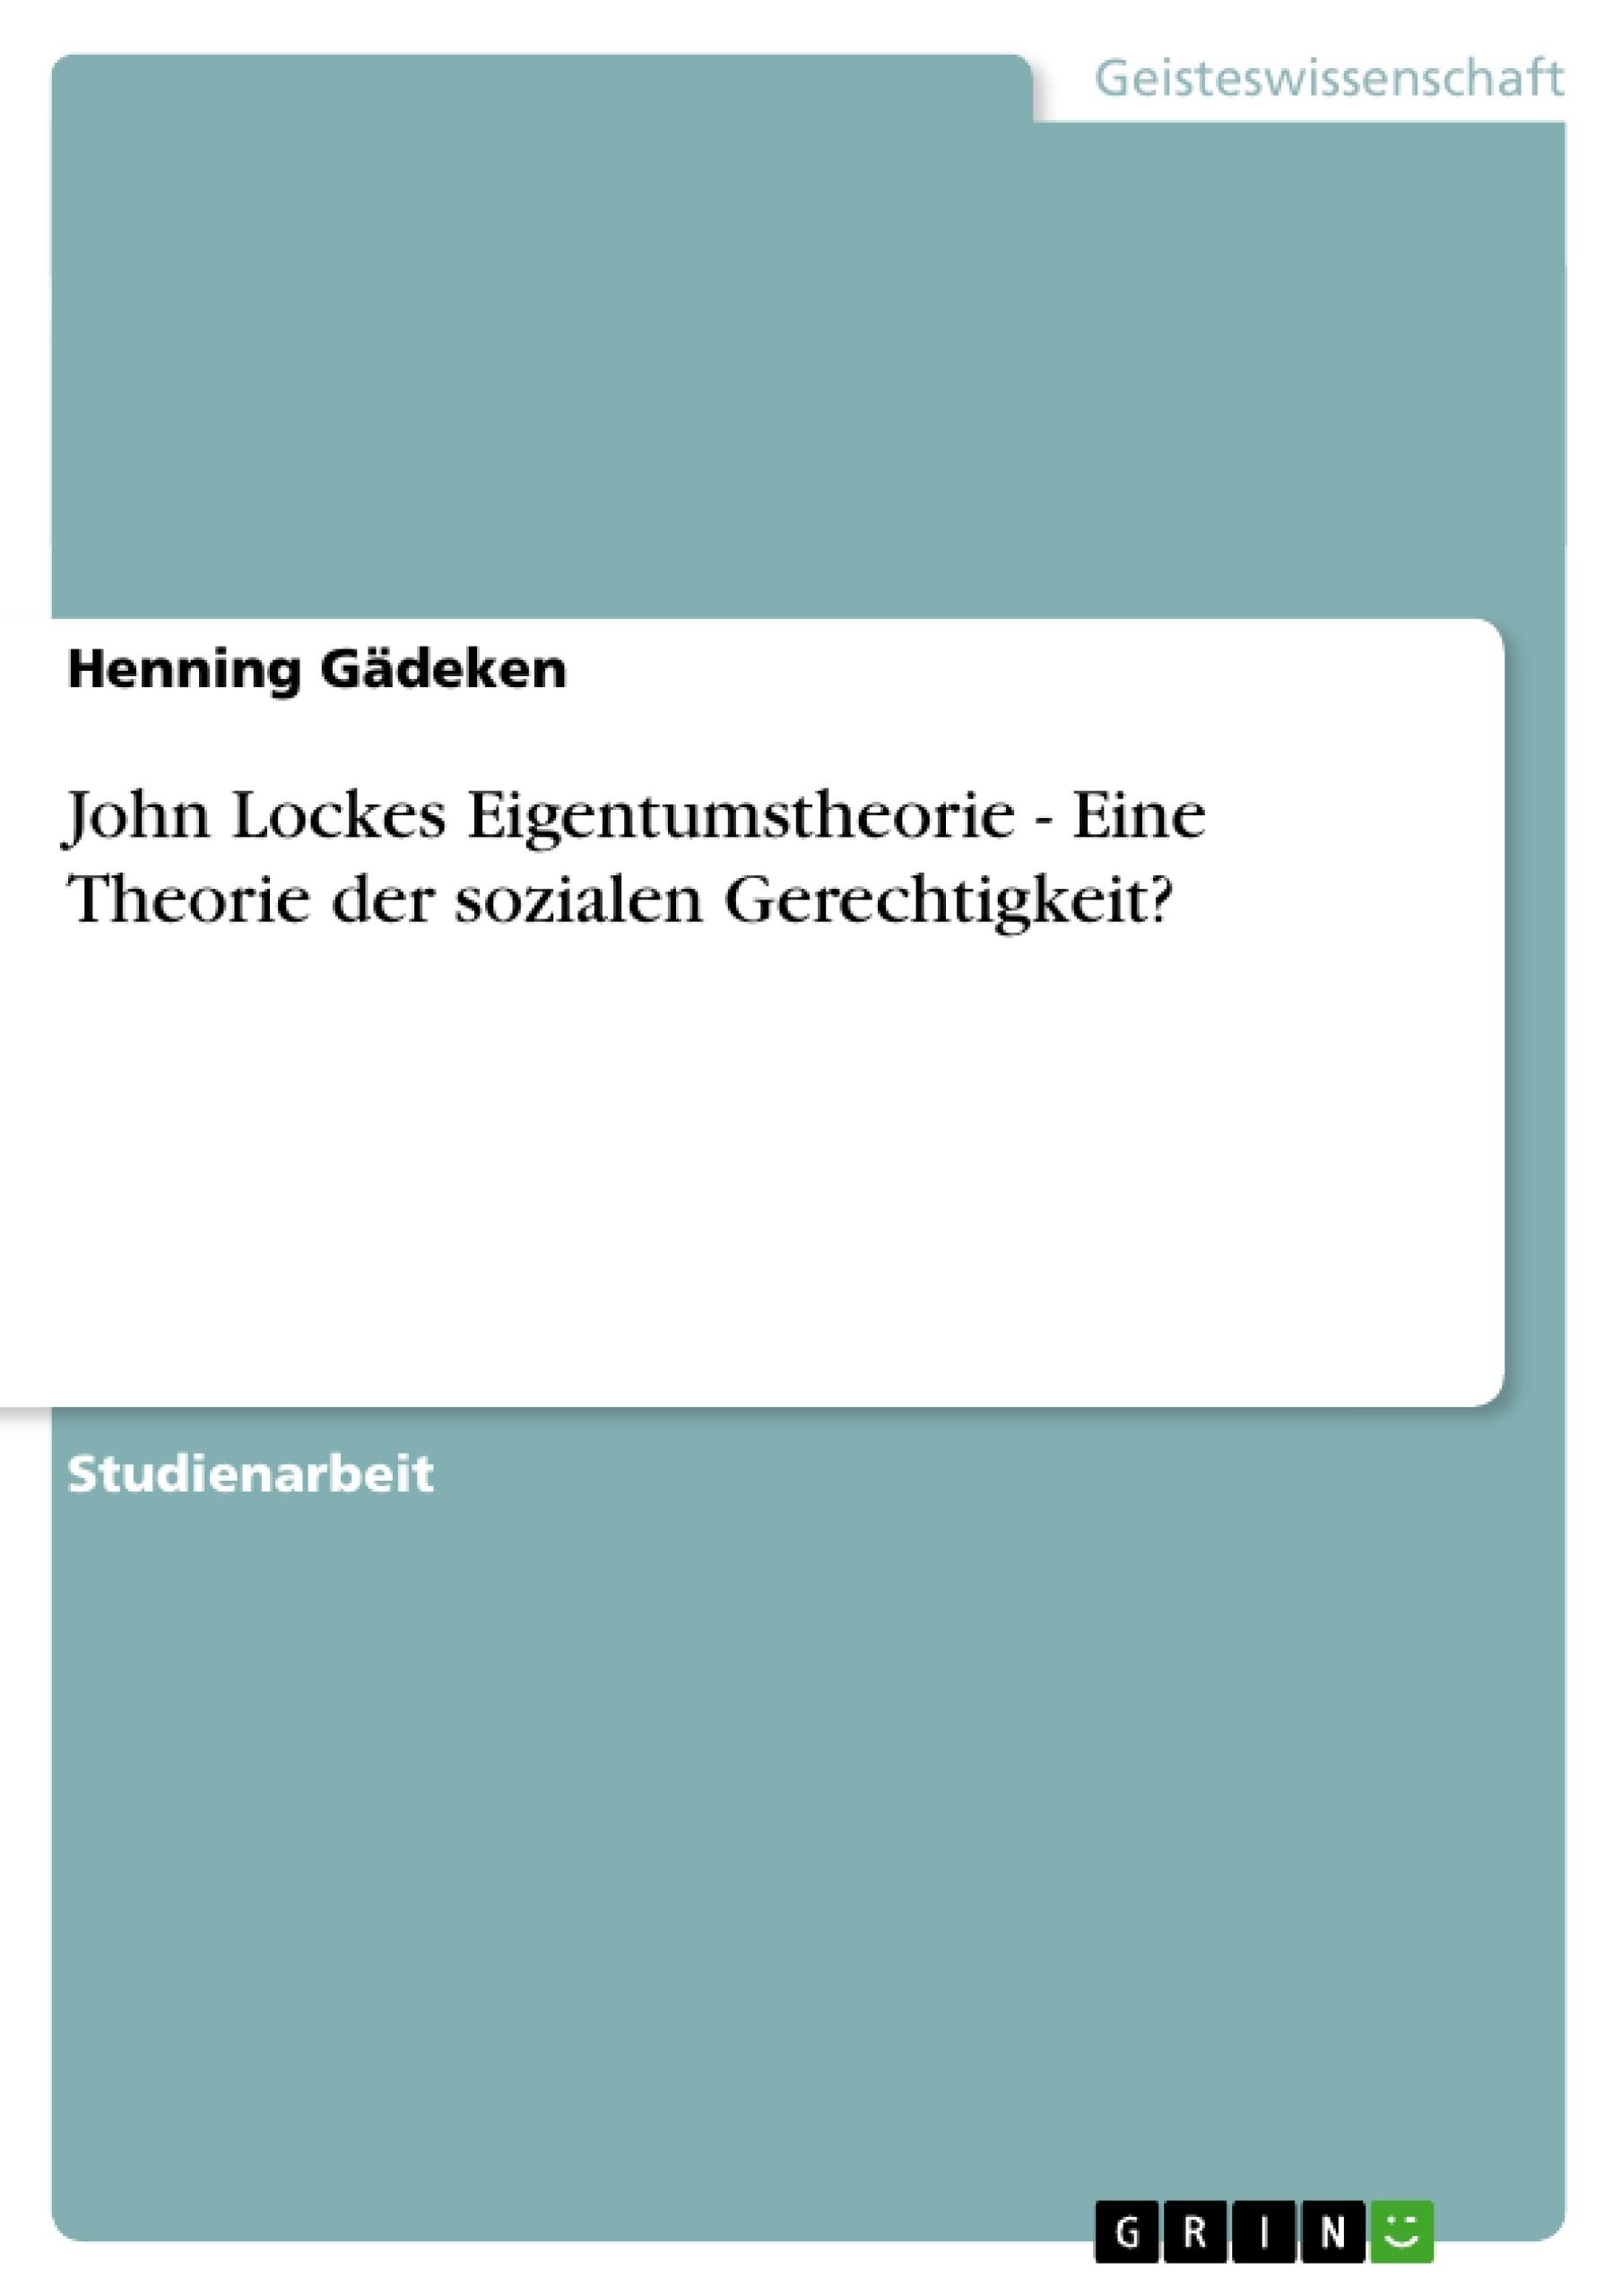 Titel: John Lockes Eigentumstheorie - Eine Theorie der sozialen Gerechtigkeit?